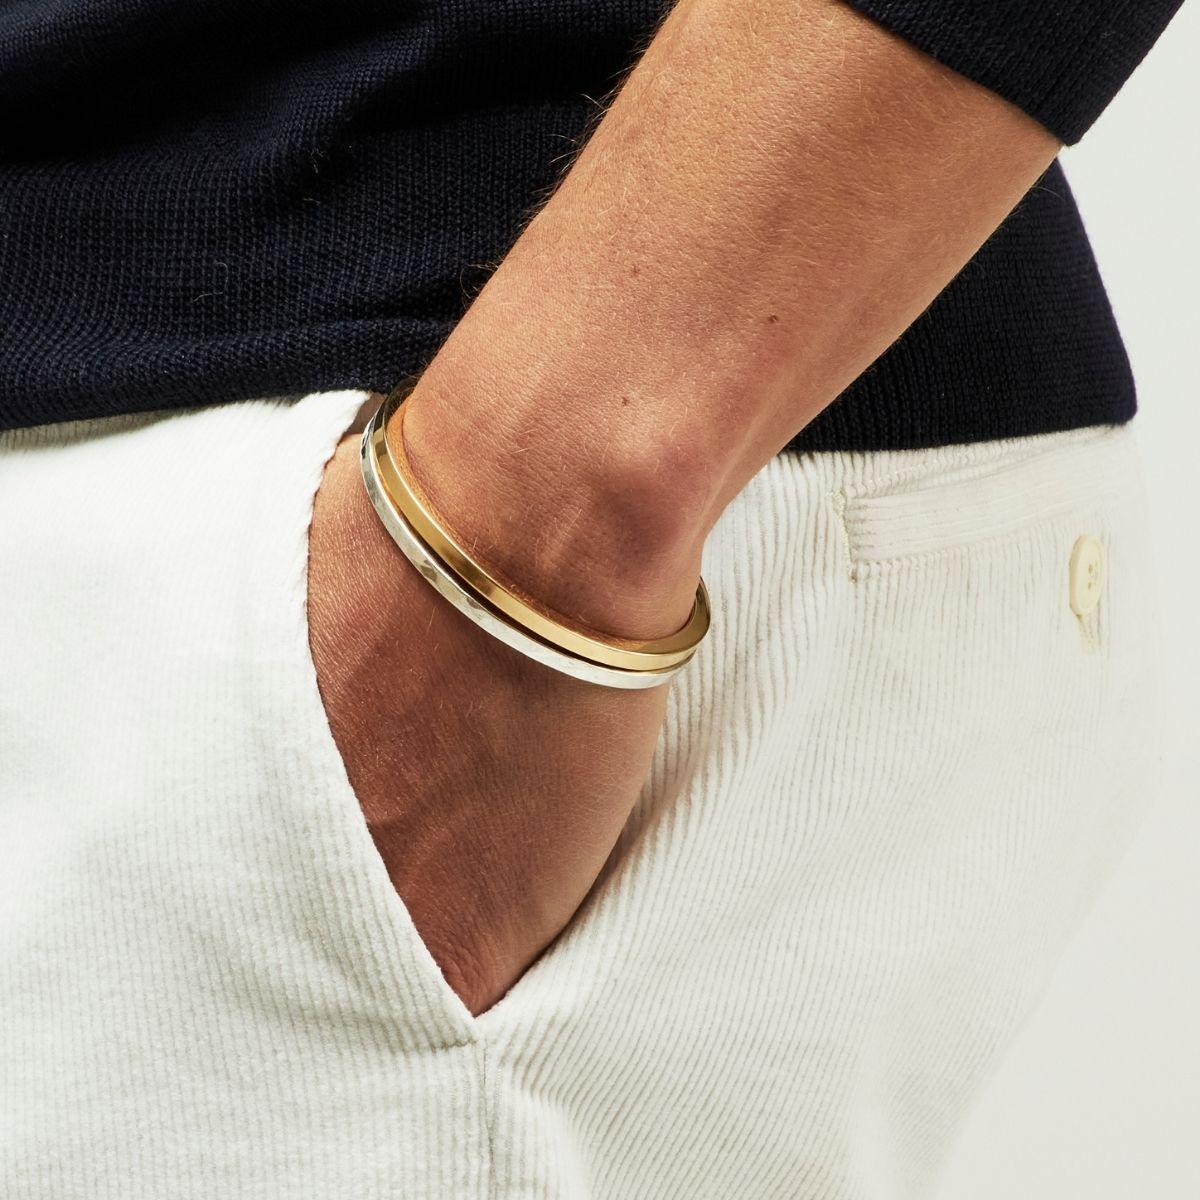 Men cuffs